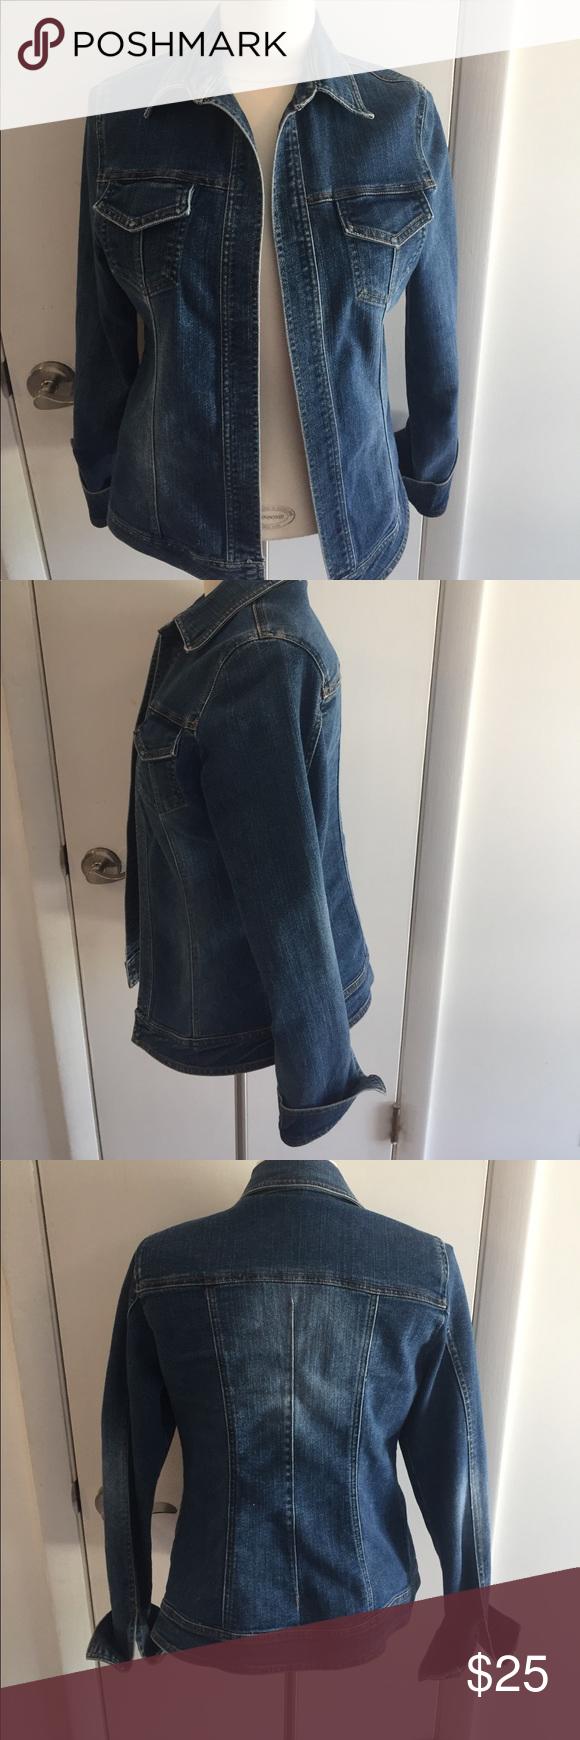 Denim jacket open front denim cache jacket daughter wore it over